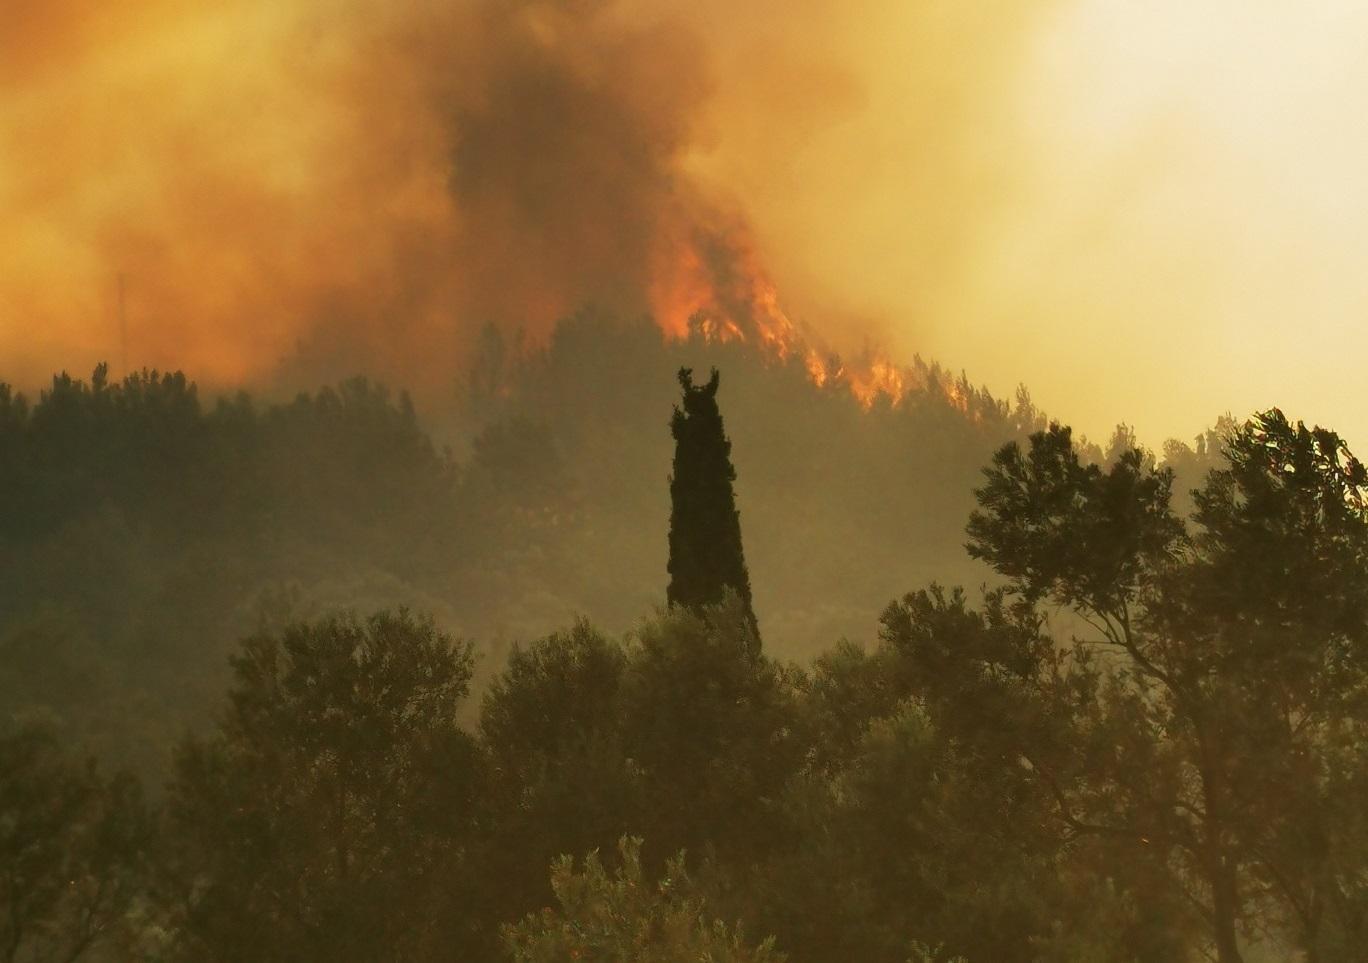 Φωτιά στη Σάμο: Ζητούν να κηρυχθεί το νησί σε κατάσταση έκτακτης ανάγκης